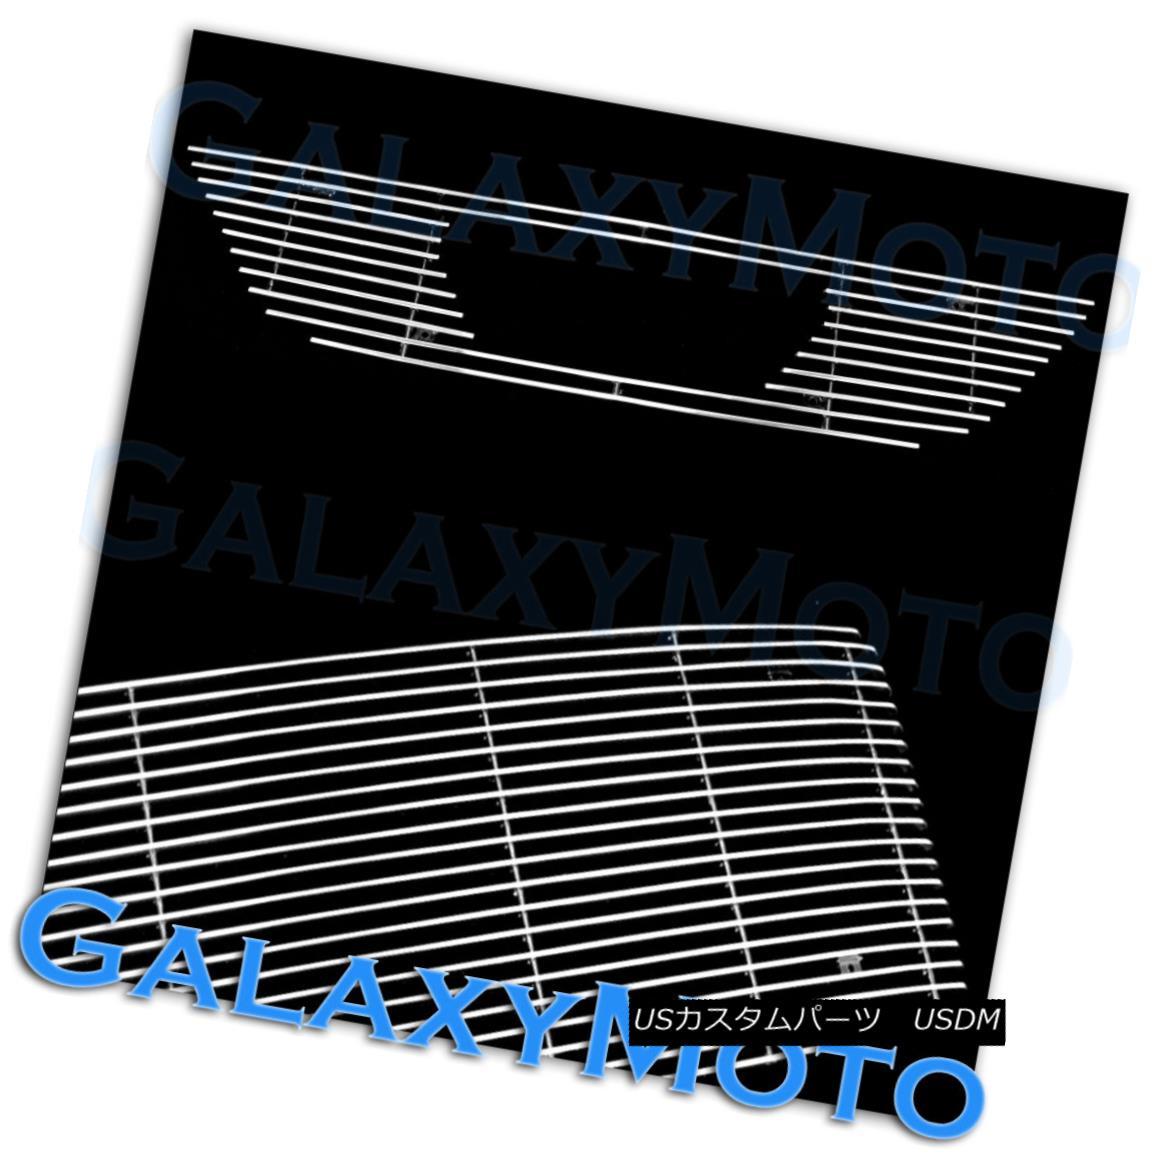 グリル 99-04 Ford Mustang V6 V8 w/ Logo Cutout Polished Chrome Billet Grille Insert 99-04 Ford Mustang V6 V8ロゴカットアウトポリッシュクロムビレットグリルインサート